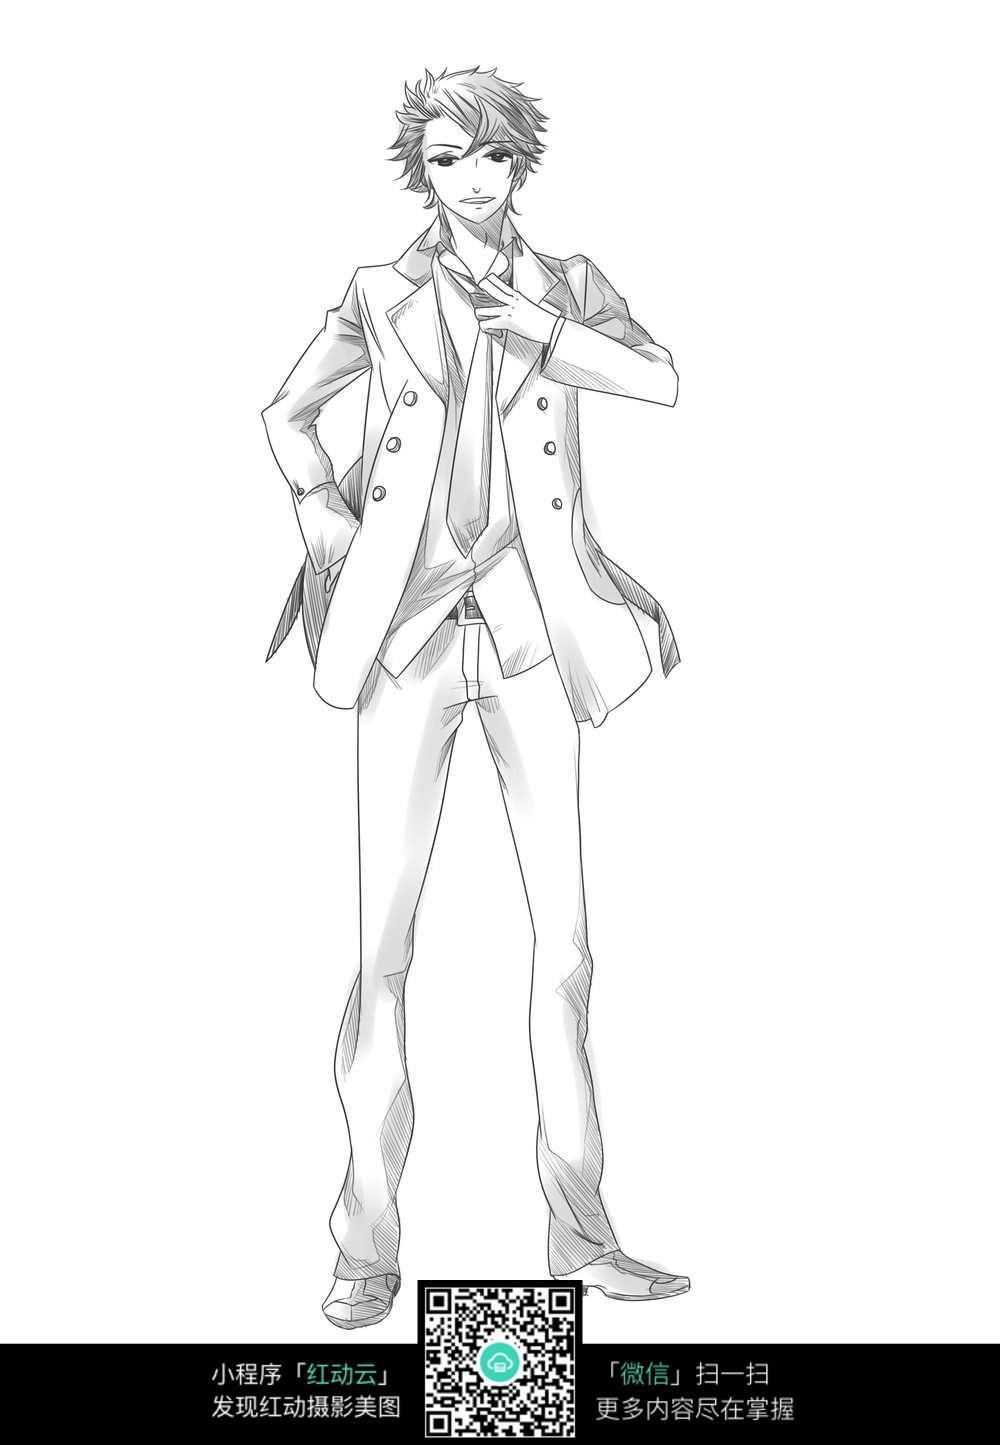 西装革履的男孩人物